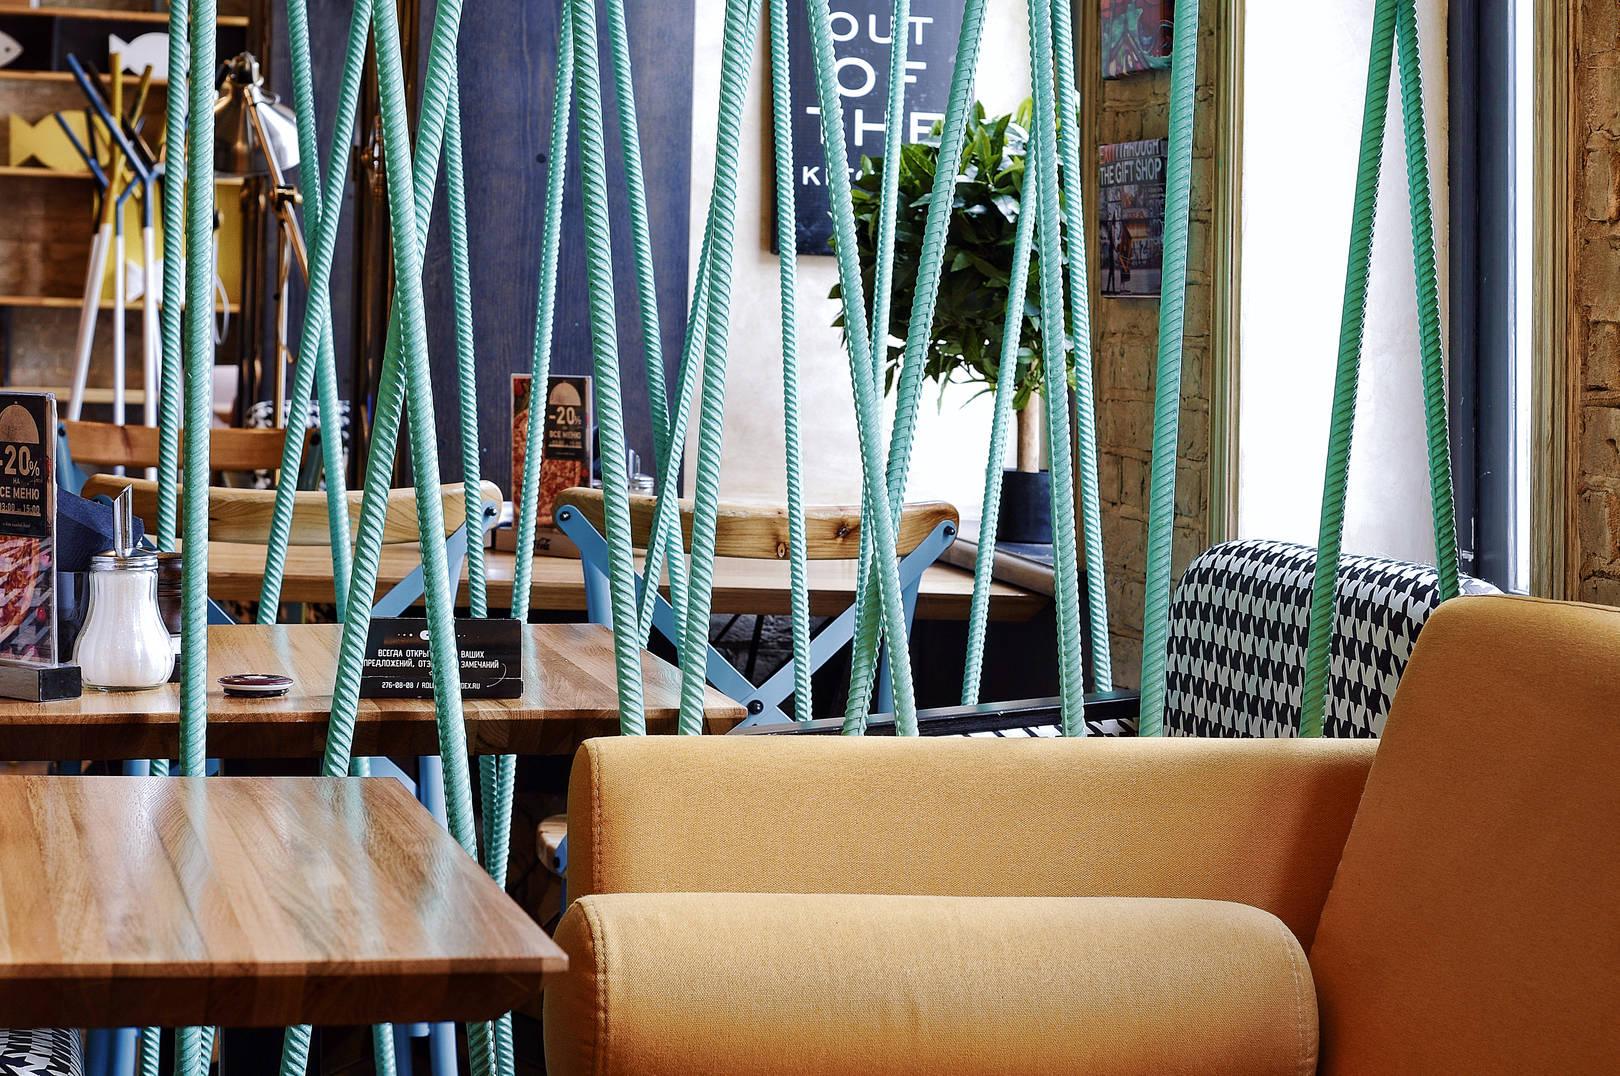 Новое кафе ROLLS -NOVINKA, открылось в Перми. Над его оформлением работал дизайнер Саранин Артемий из студии ALLARTSDESIGN. Кафе находится на 1 этаже нежилого строения в городе Пермь, Российская Федерация. Кафе рассчитано на молодёжь. Ранее здесь уже работало кафе, задача состояла изменить существующий дизайн. Динамичный дизайн интерьера заведения задаёт настроение и привлекает посетителей.  Помещение имеет форму- вытянутый прямоугольник. Заведение разделено на барную зону и основной зал. Так же была сформирована закрытая «комната авиатора». Окна расположены по одной стене. Помещение мы разделили на несколько зон, поставив сквозные перегородки из стального прутка, покрасили его в бирюзовый цвет. Колонны мы спрятали за фальш шкафами. Двери мы сварили из металла и вставили рифлёное стекло, так же из металлических трубок мы сварили 10-ти метровую люстру и в каждую трубу мы вмонтировали лампу.  Бар сформирован для официантов, мы применили новые высотные отметки в стандартах. Создав 2 внешних столешки, визуально перекрыв работу бармена.  Санузел выполнен в монохромных тонах с яркими постерами над унитазом. Умывальник сварили из листа металла и покрасили в графитовый цвет.  Пространство кафе общей площадью 136 квадратных метров состоит из различных зон отдыха, имеющих разные высотные отметки, здесь можно задержаться на деловой обед или же забежать на завтрак и насладится утренним свежим кофе, а каждый вечер здесь полно молодёжи, так что столы надо бронировать заранее.  #allartsdesign #design #designinterior #allarts #russiadesign #novinka #rollsnovinka#cafedesign #роллс #cafedesign